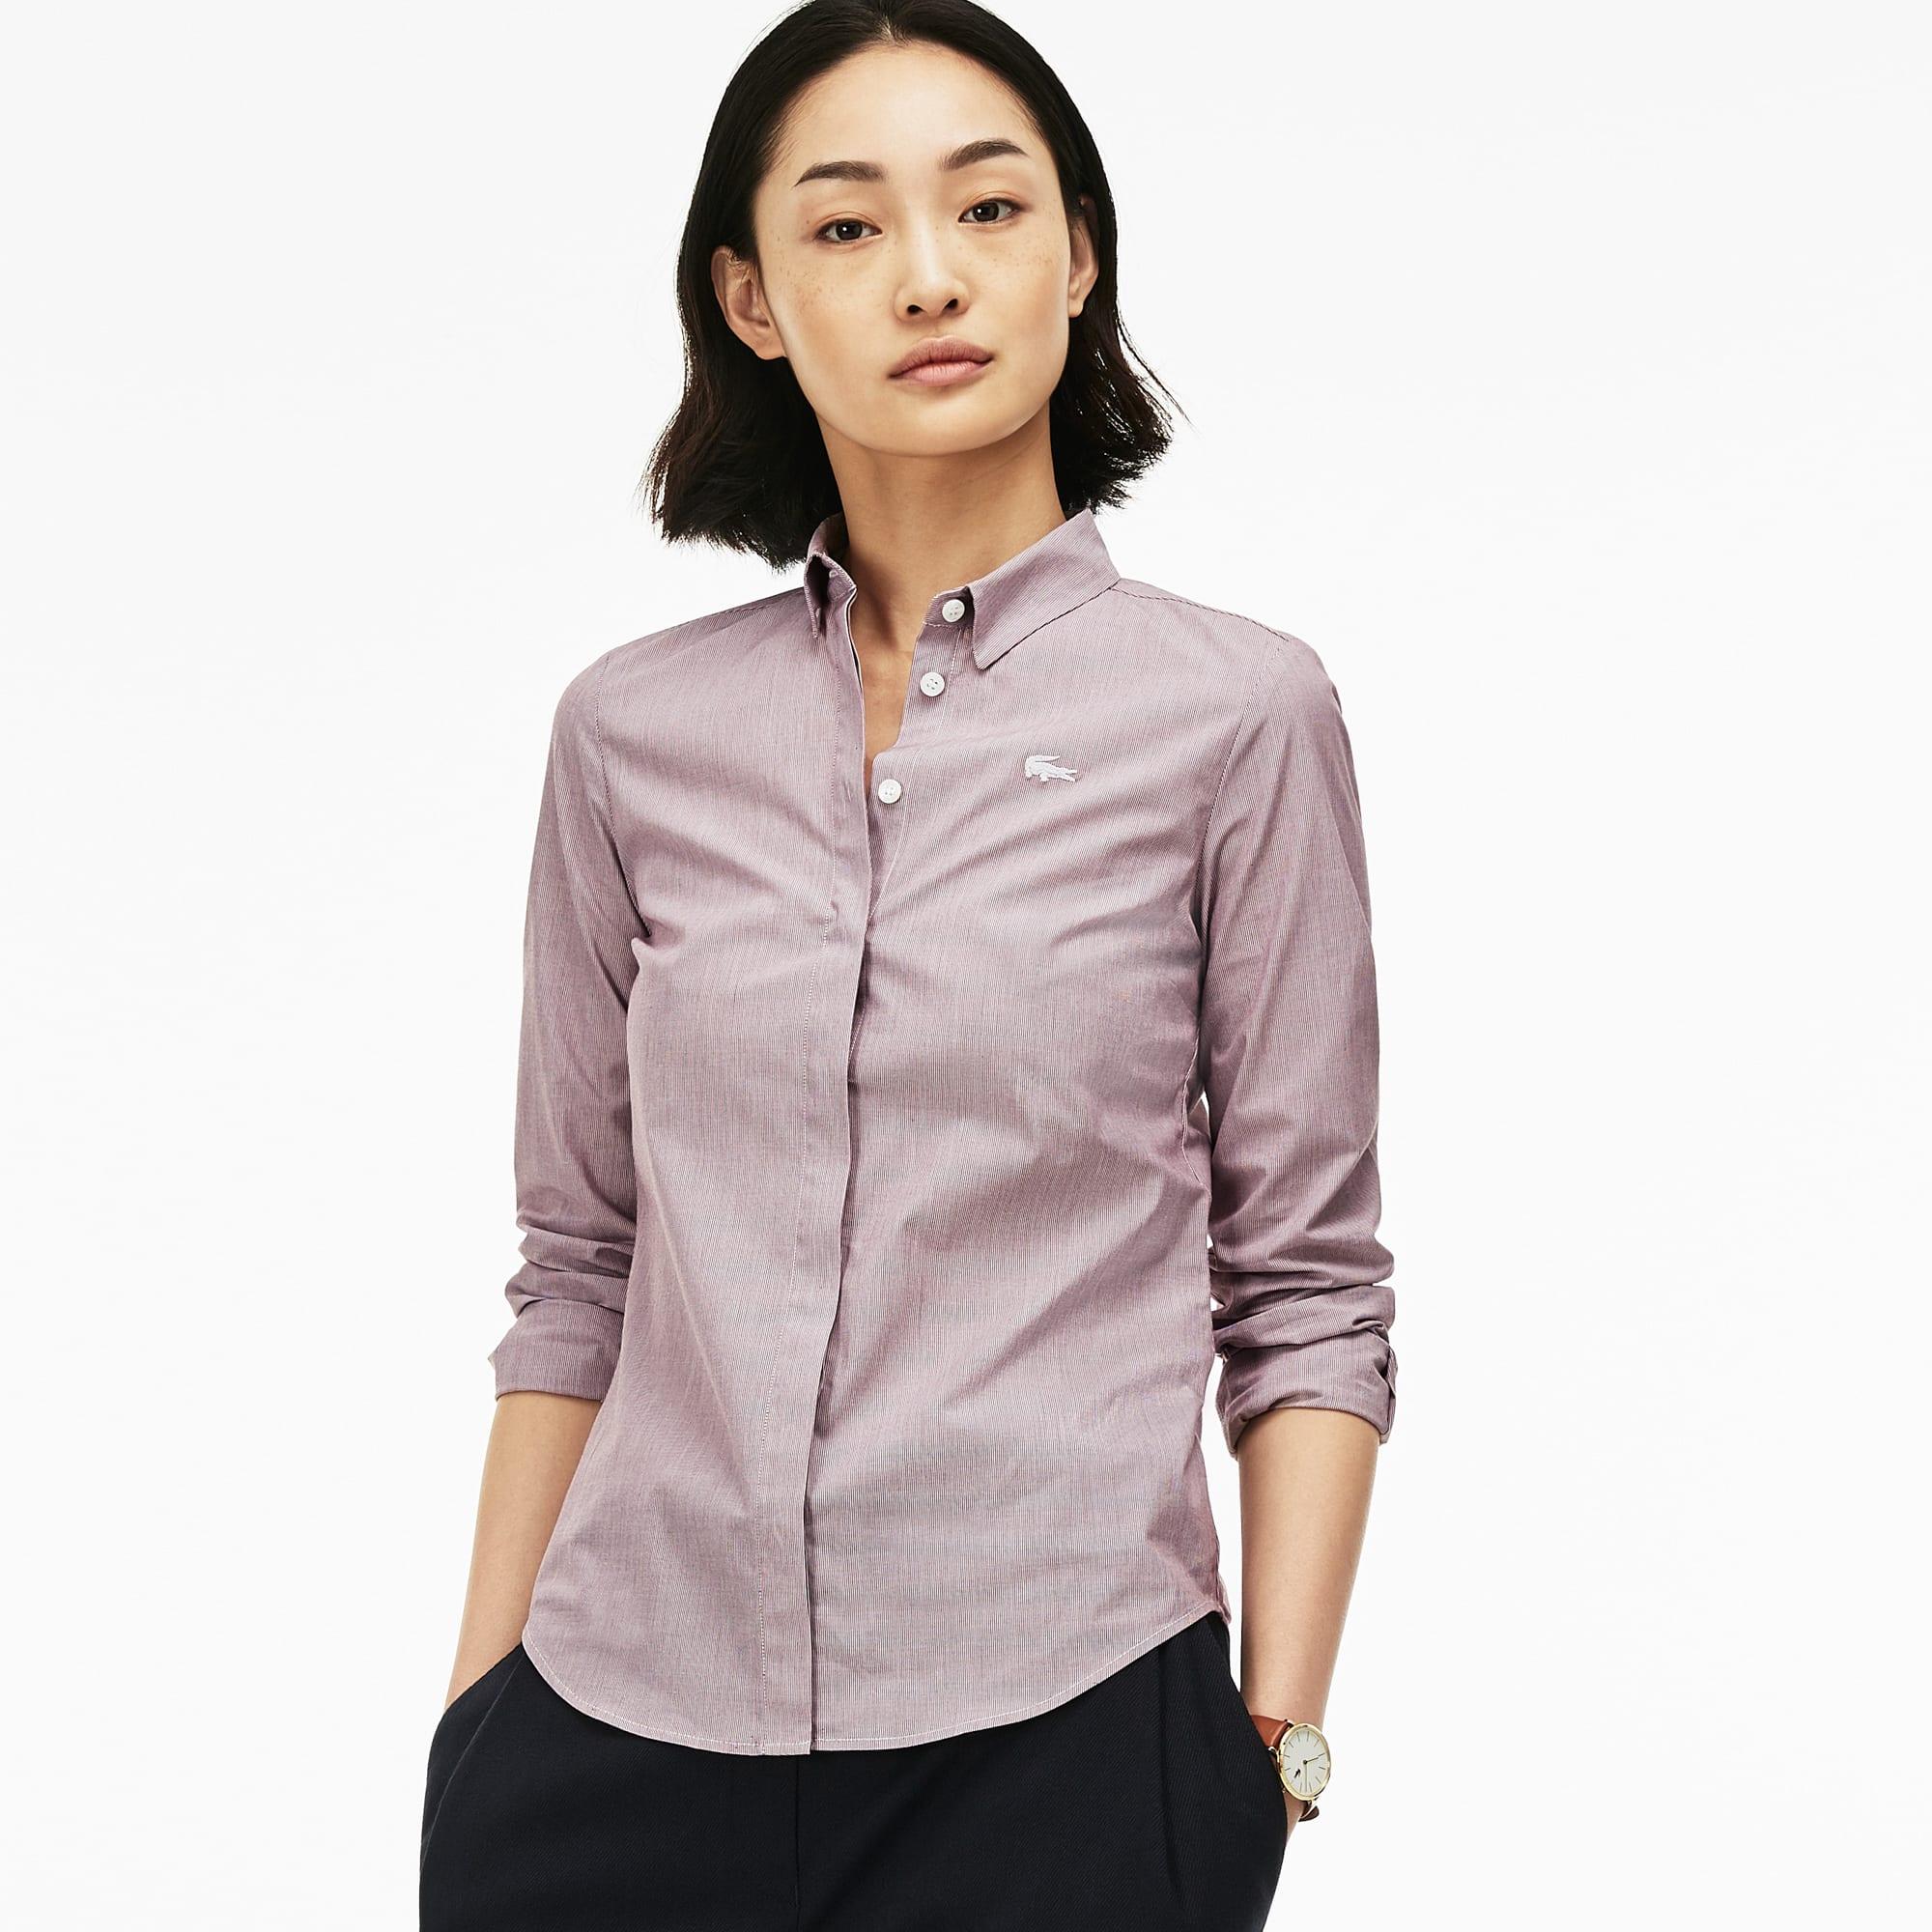 Women's Shirts | Women's Tops | LACOSTE